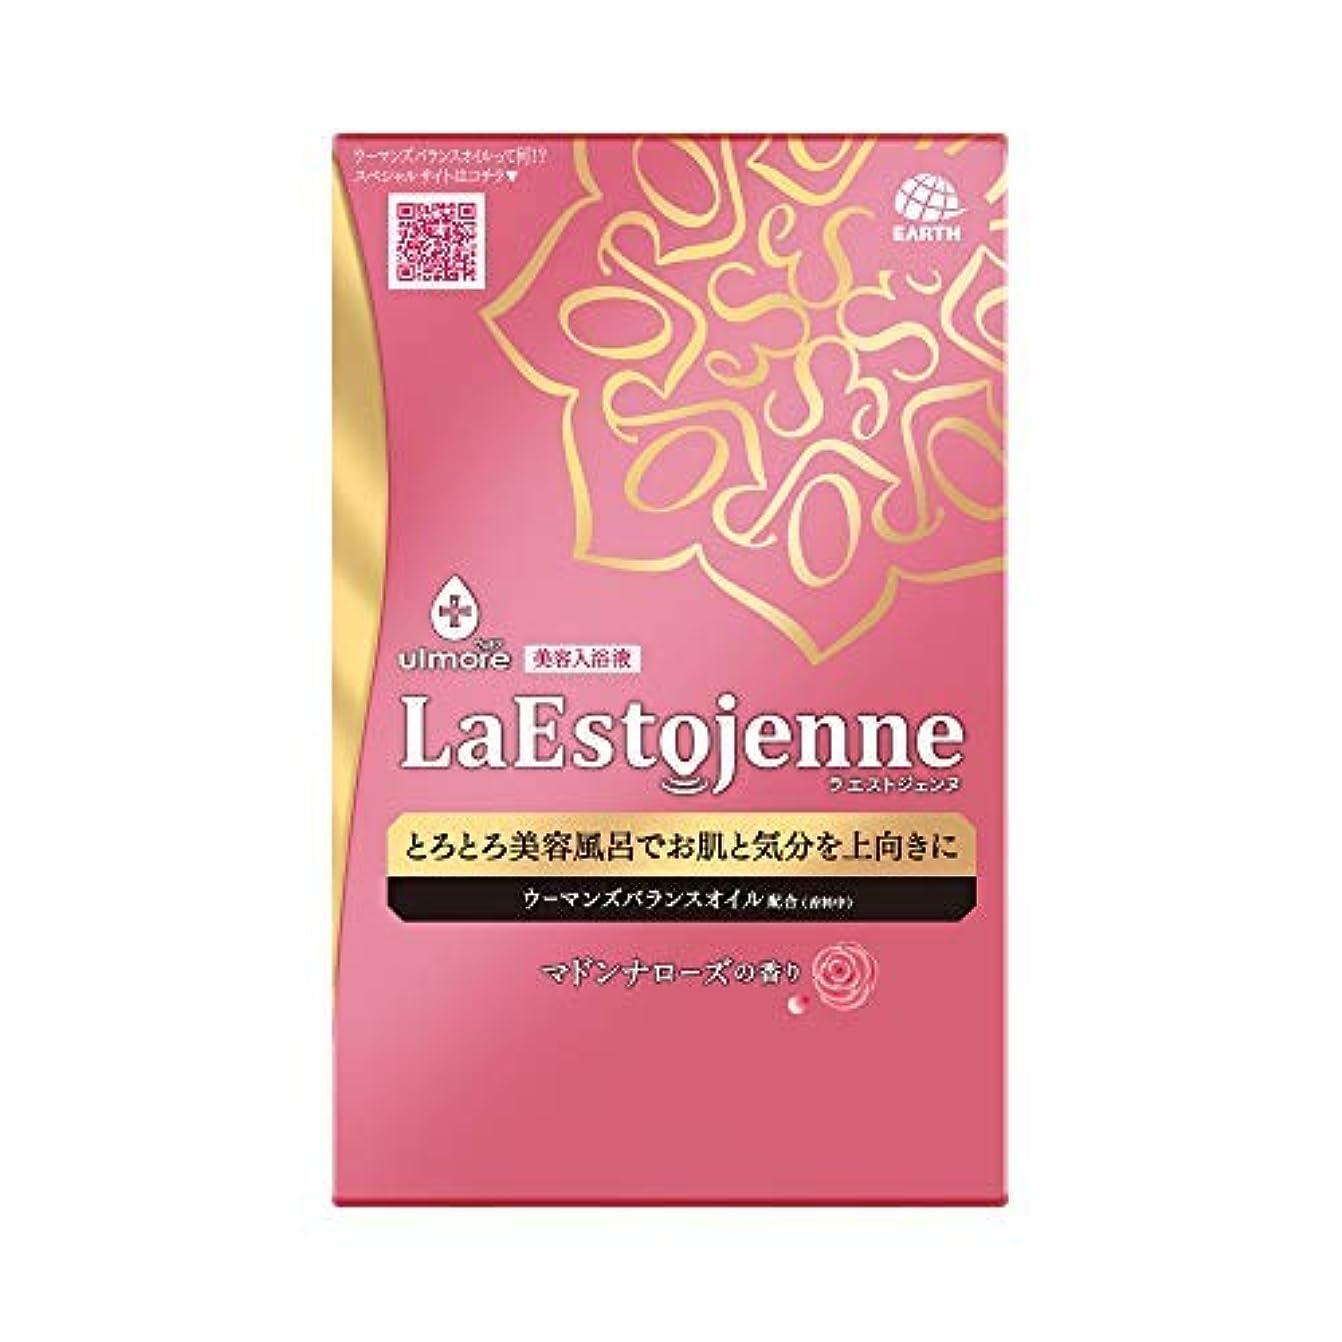 竜巻田舎者種をまくウルモア ラエストジェンヌ マドンナローズの香り 3包入り × 3個セット